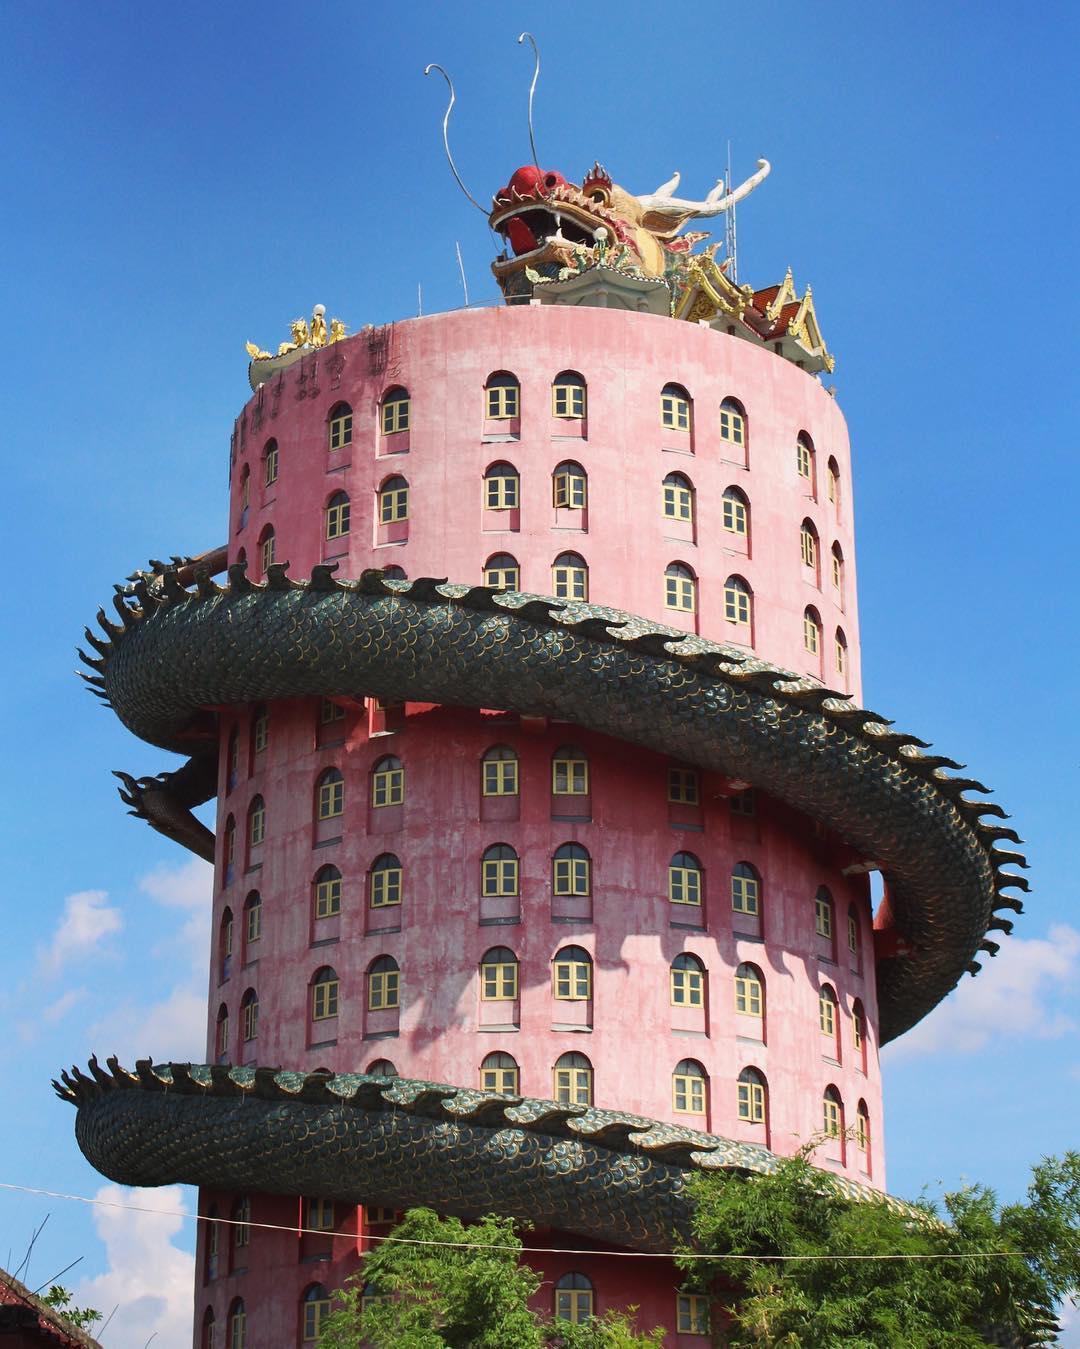 Ngôi chùa Wat Samphran, Ngôi chùa màu hồng, Thái Lan,